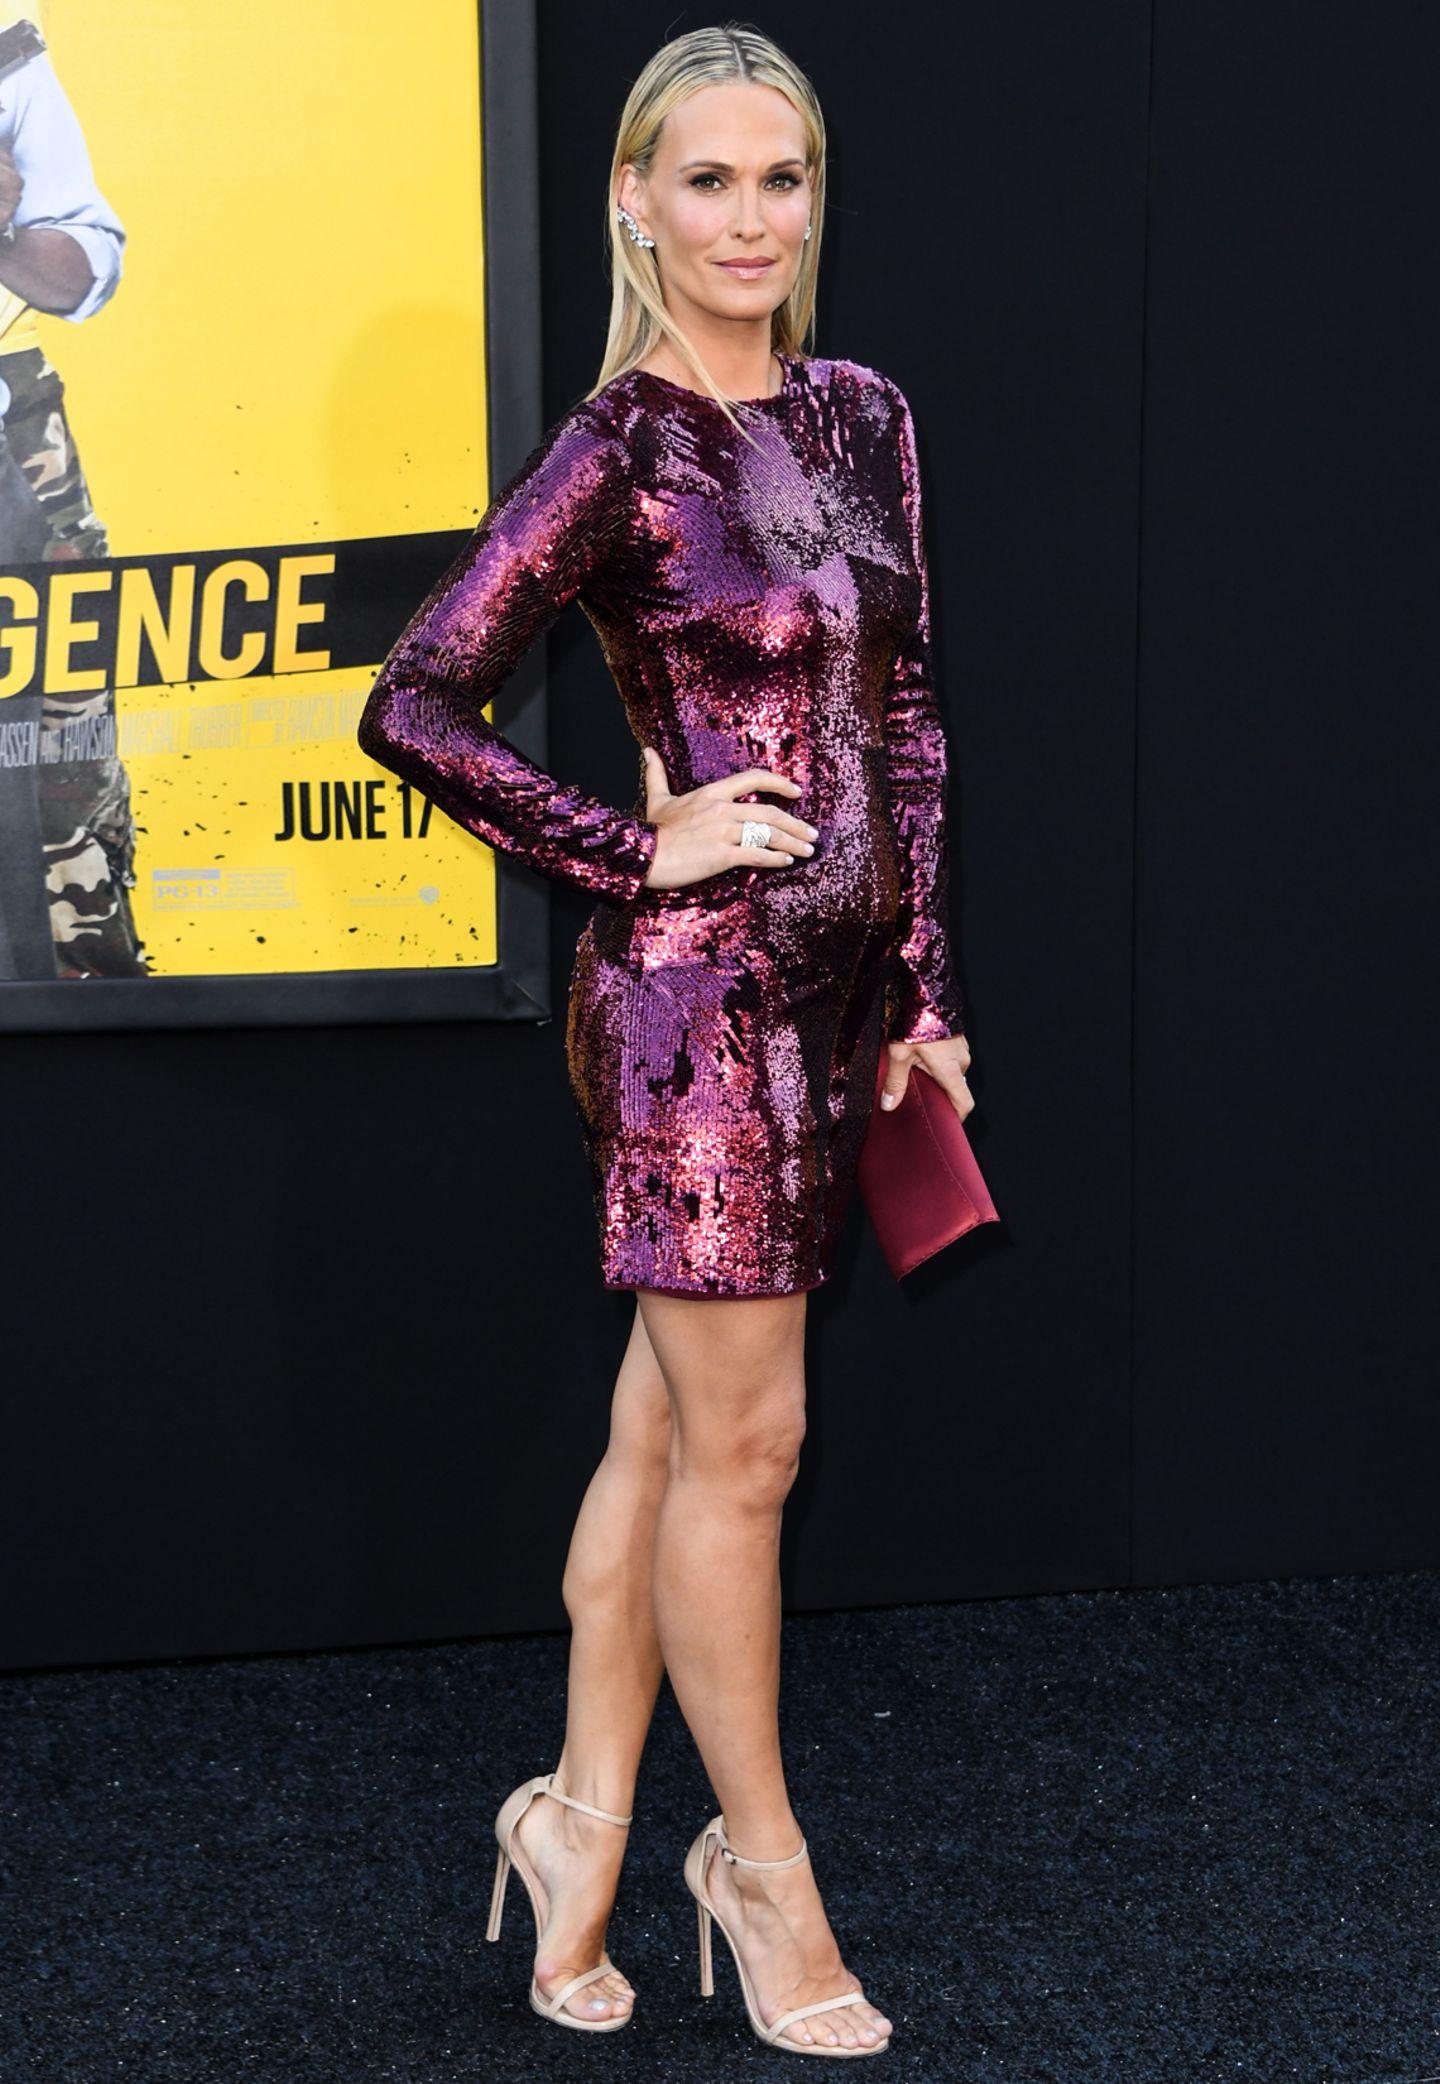 Molly Sims akzentuiert ihr lilafarbenes Paillettenkleid gekonnt mit nudefarbenen Stilettos und Statementschmuck.